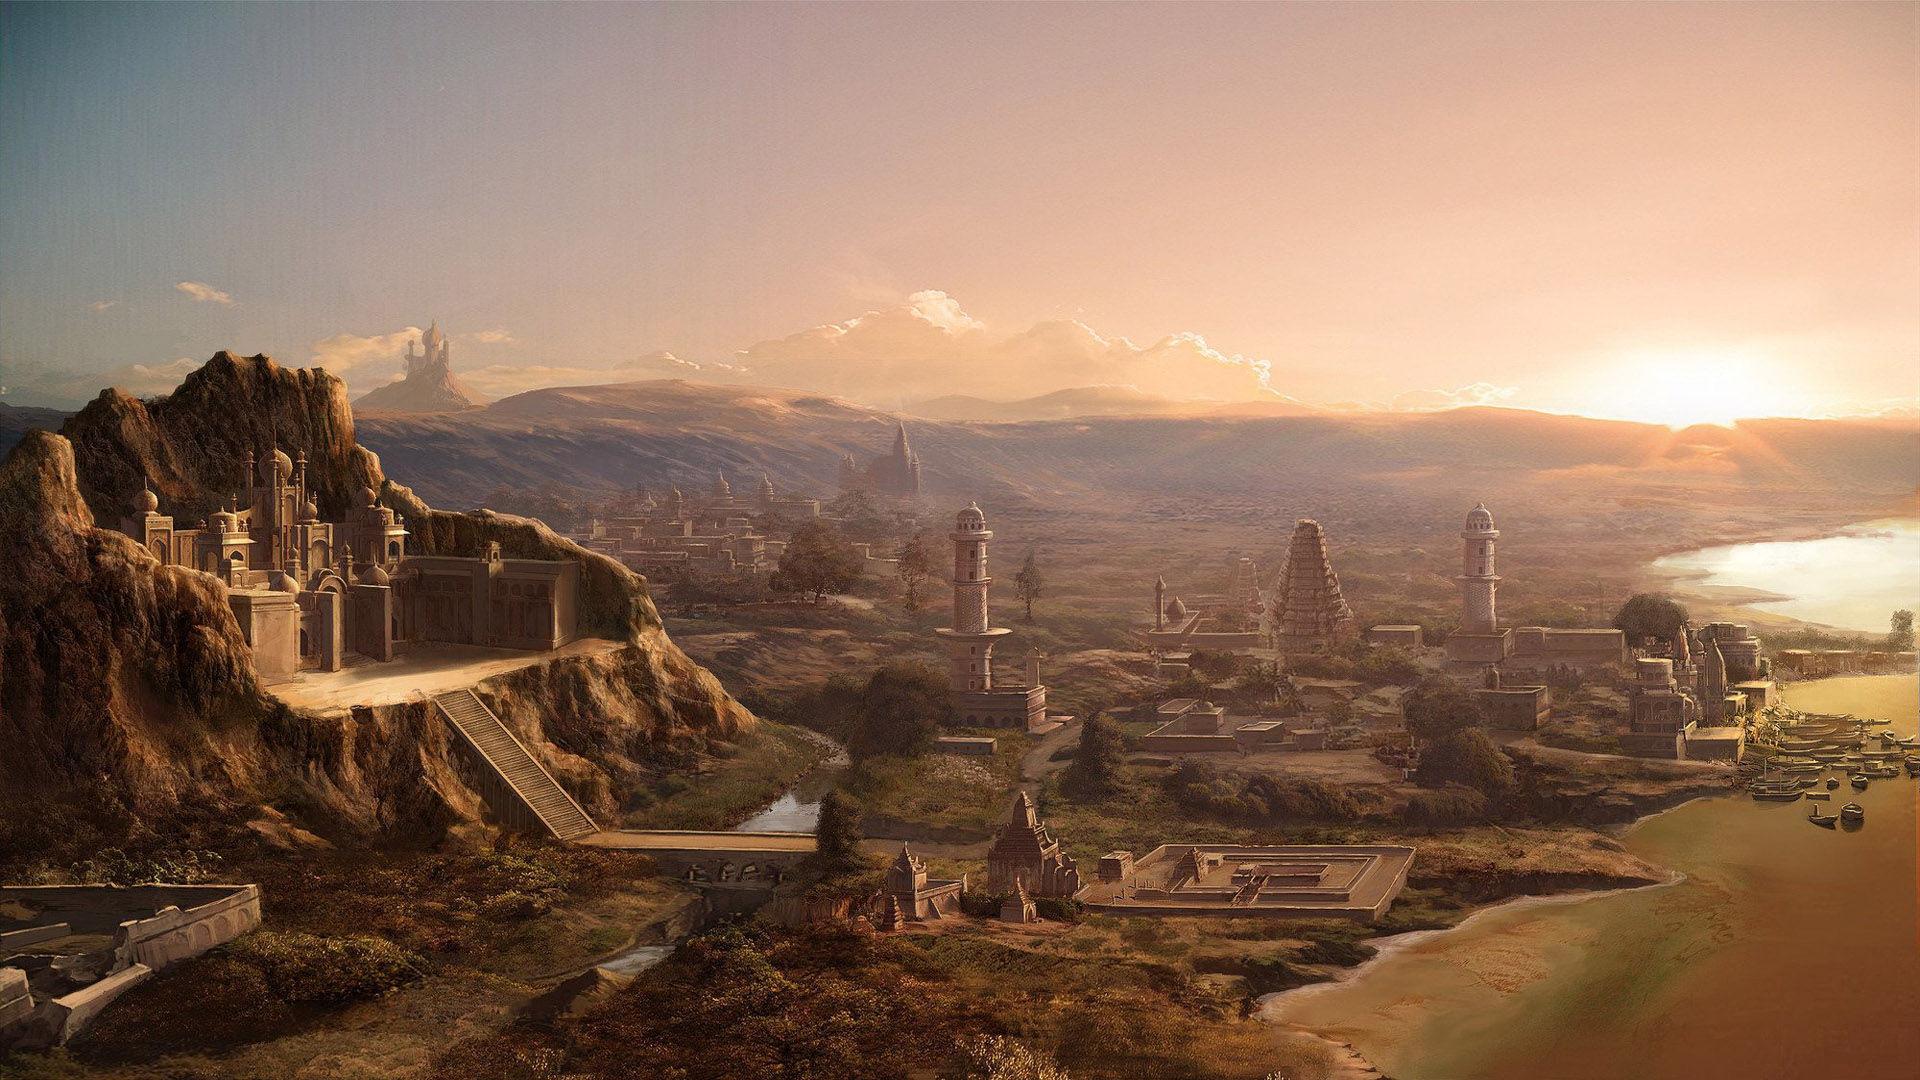 12285 - Adivina, adivinanza, ¿De qué Imperio estamos hablando? Parte I